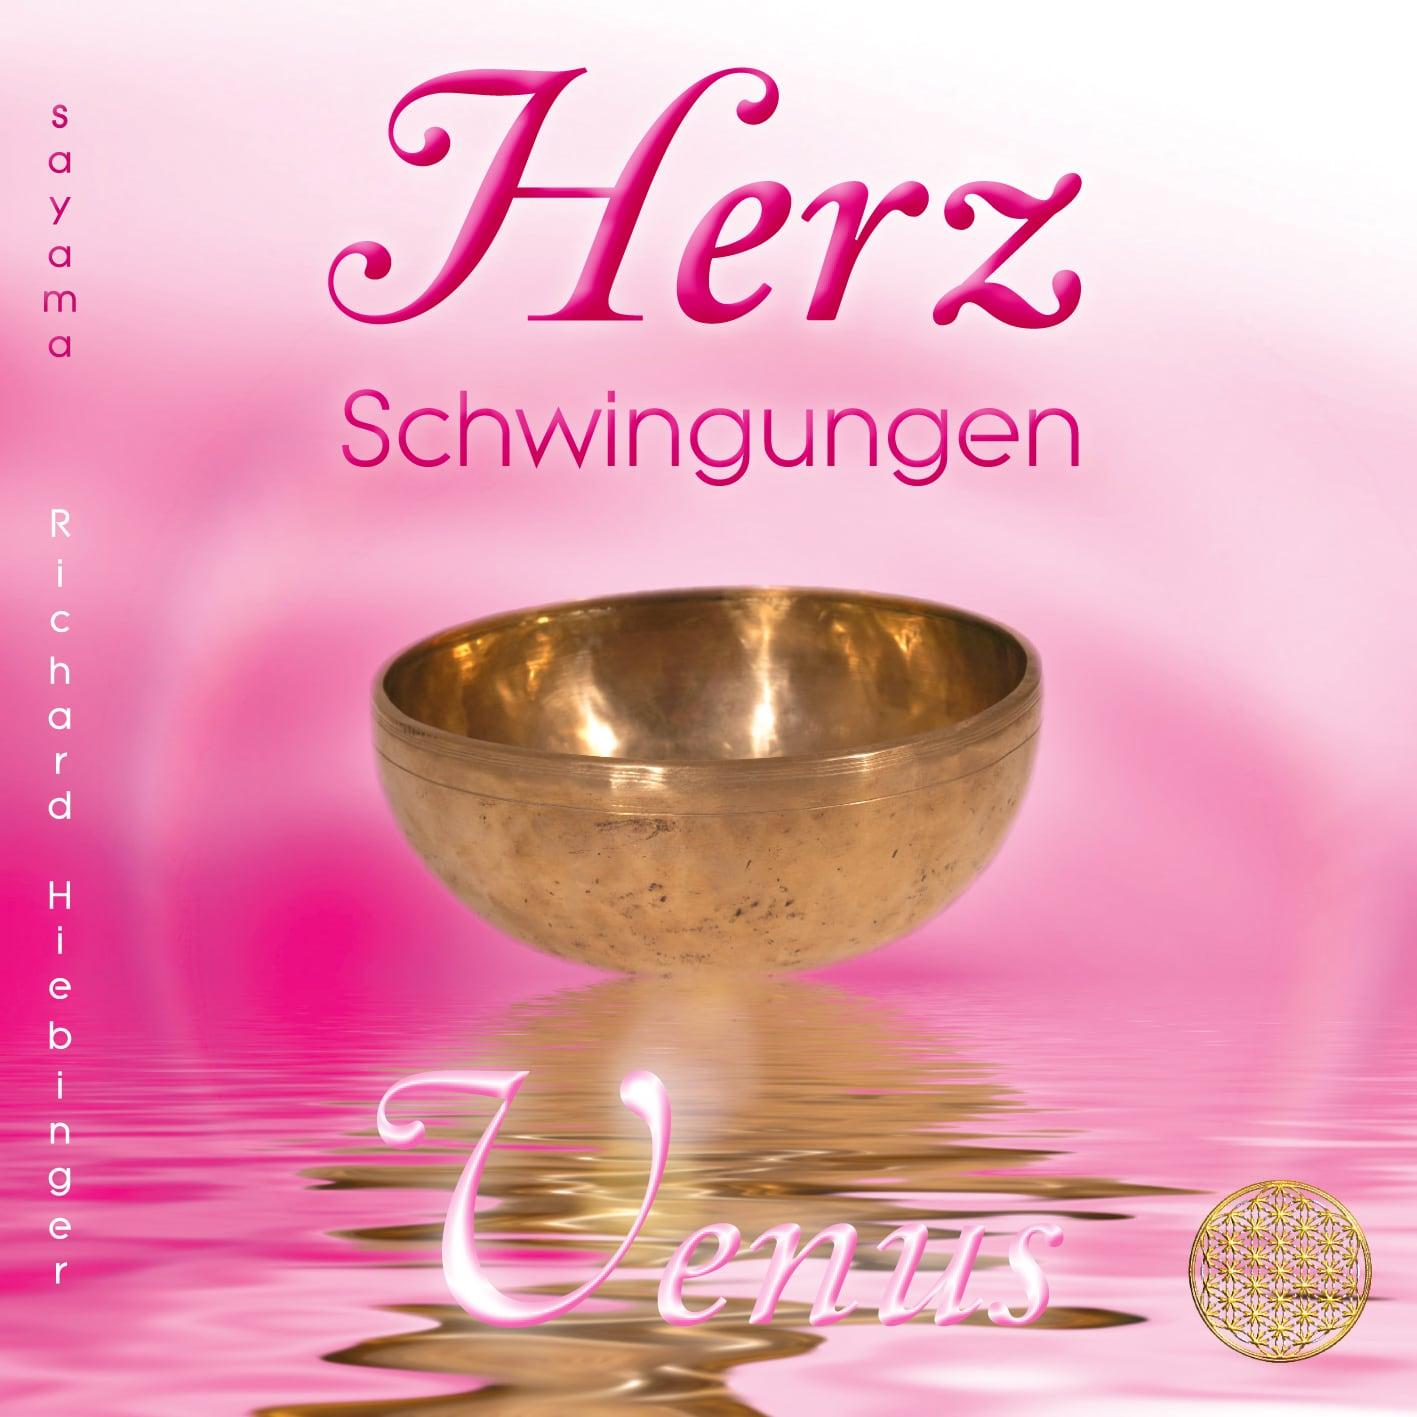 CD Titelbild Herzschwingungen Venus von Sayama Music Richard Hiebinger. https://www.sayama-music.de/cds/herzschwingungen-venus/